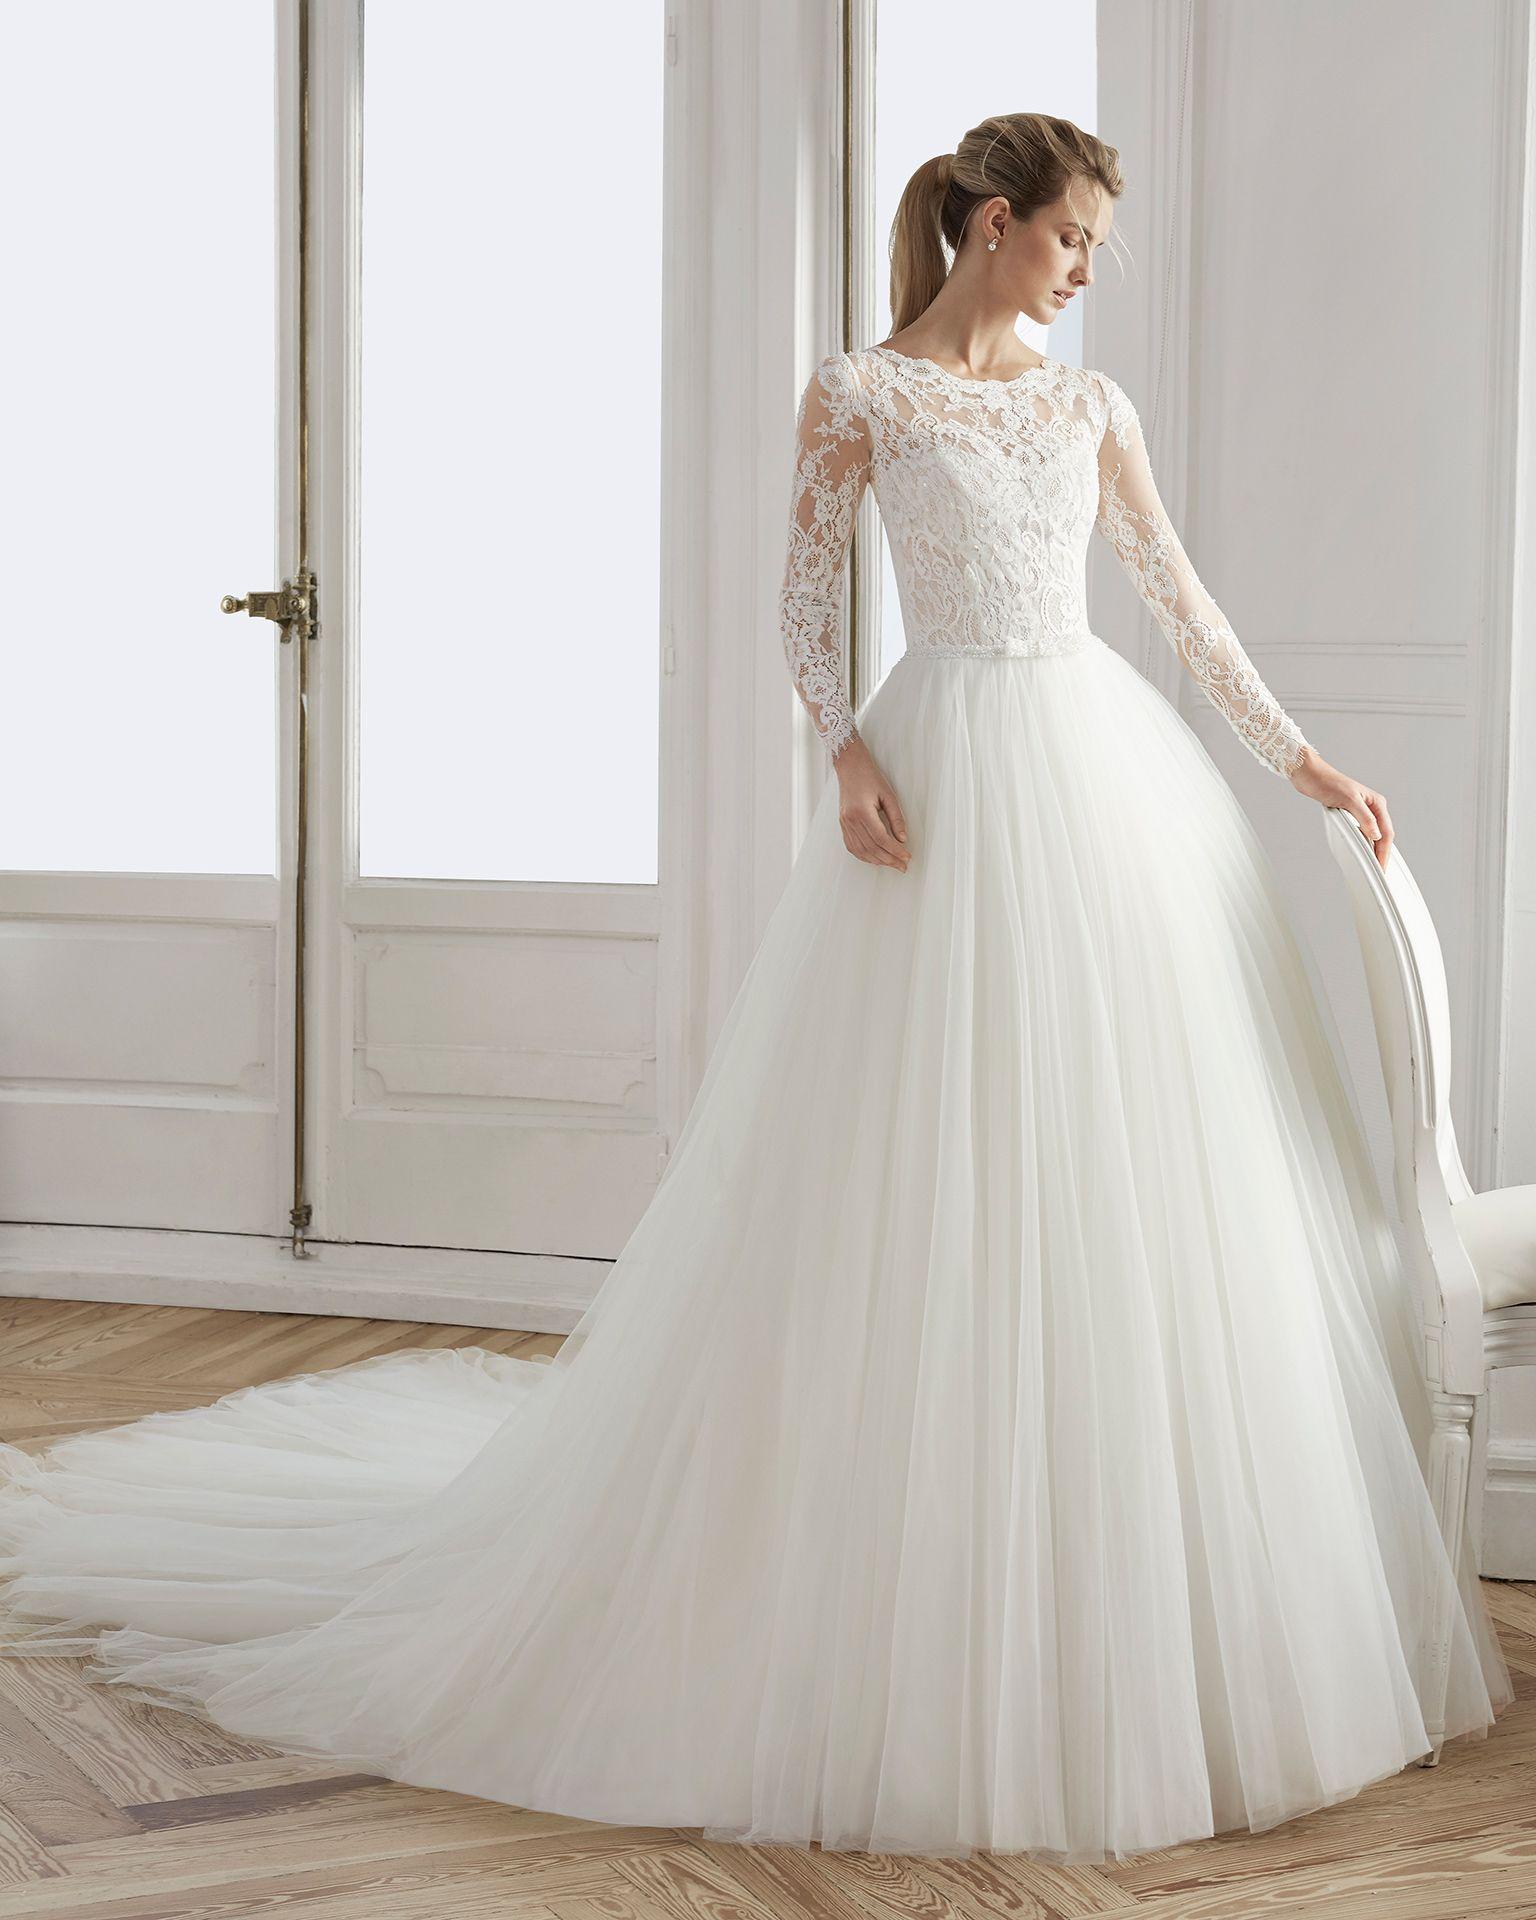 أجمل وأرق فساتين الزفاف بكم طويل دانتيل لعام 2019